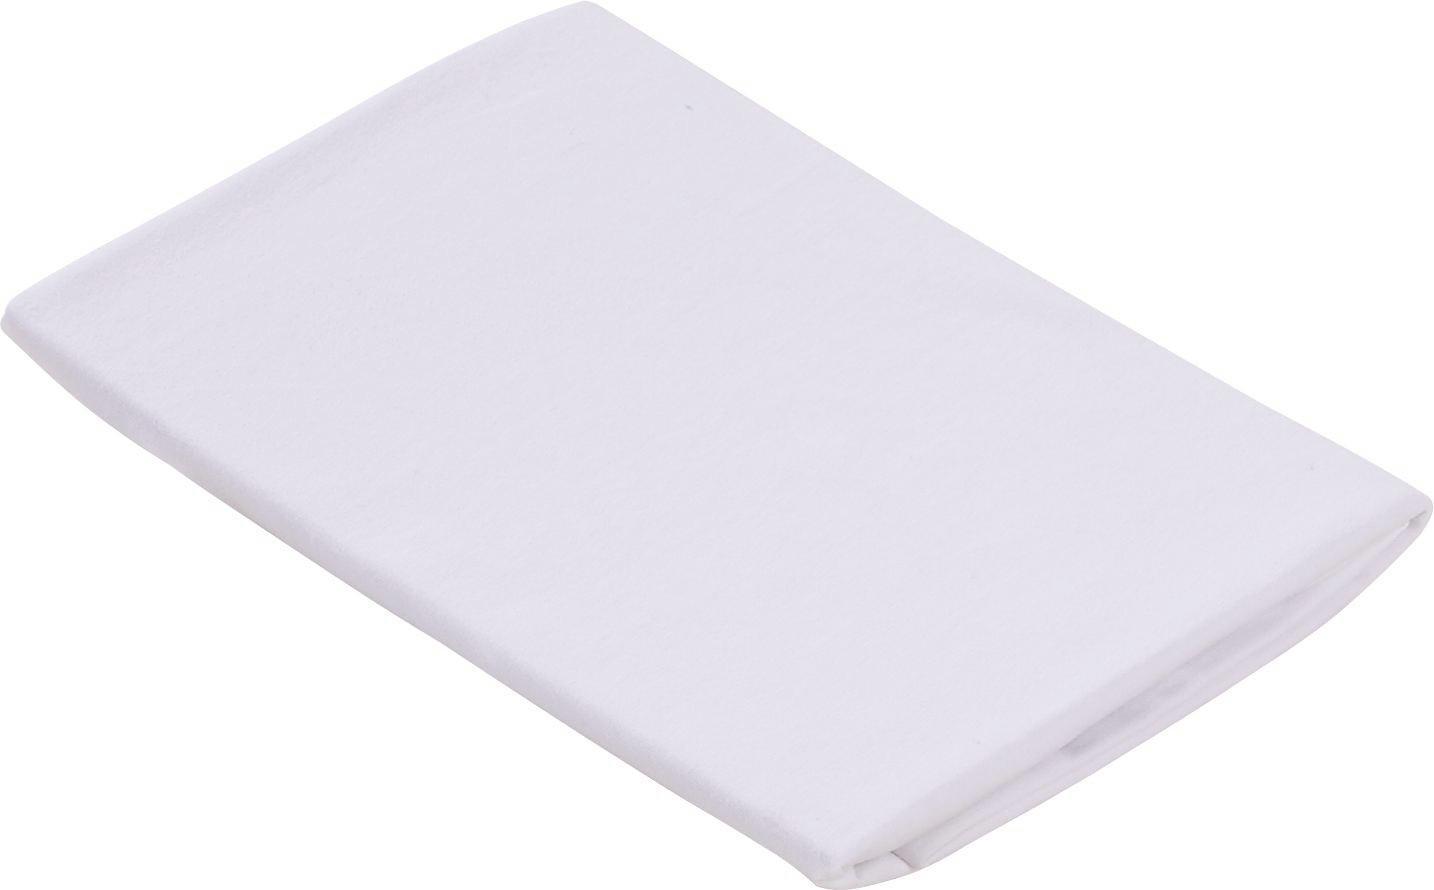 Kissenhülle Basic, ca. 40x80cm - Weiß, Textil (40/80cm) - MÖMAX modern living